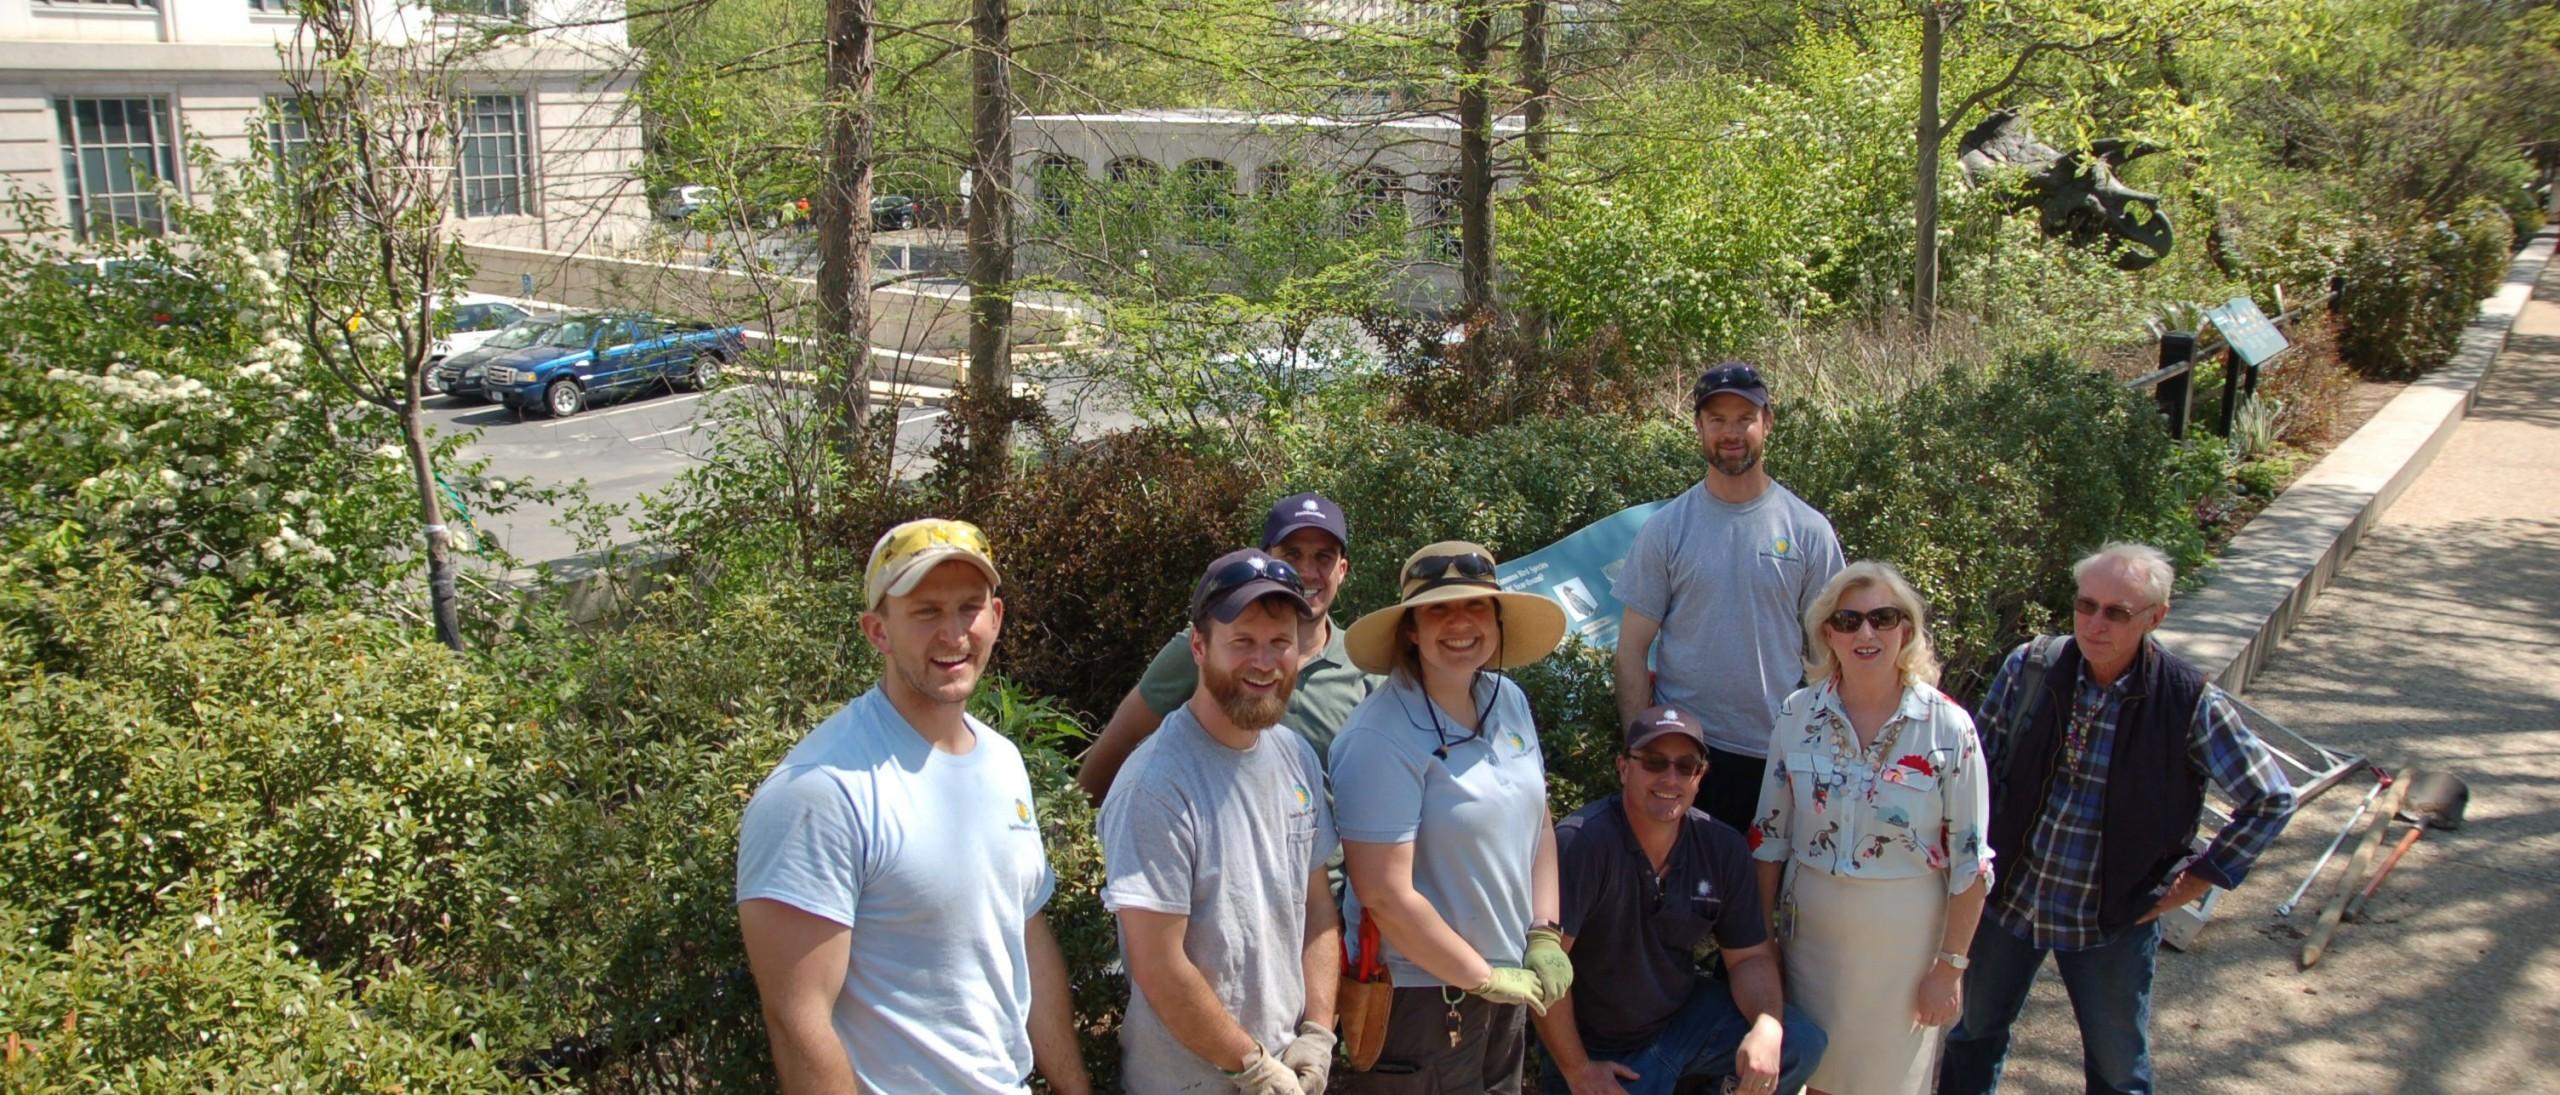 Staff in Pollinator Garden